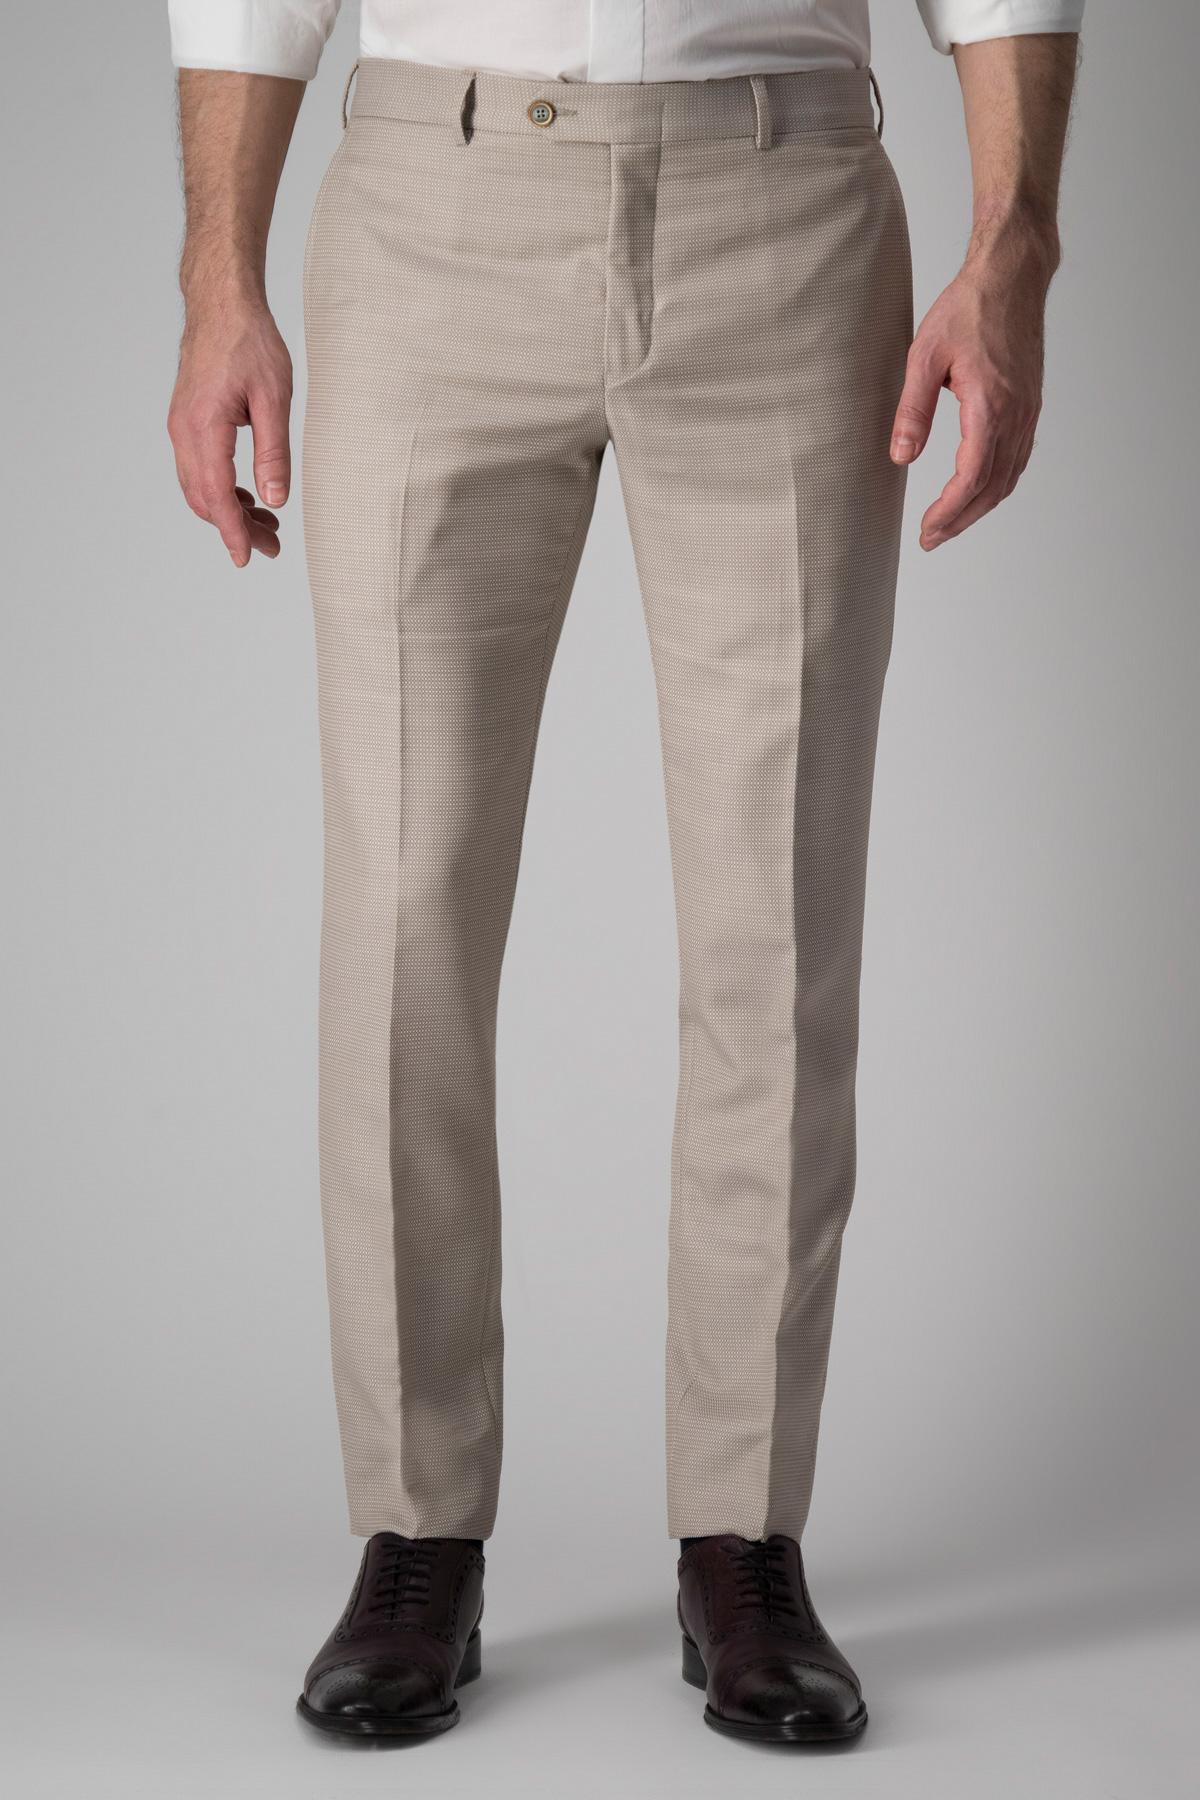 Pantalón Calderoni, tejido italiano de lana y algodón, beige tramado.